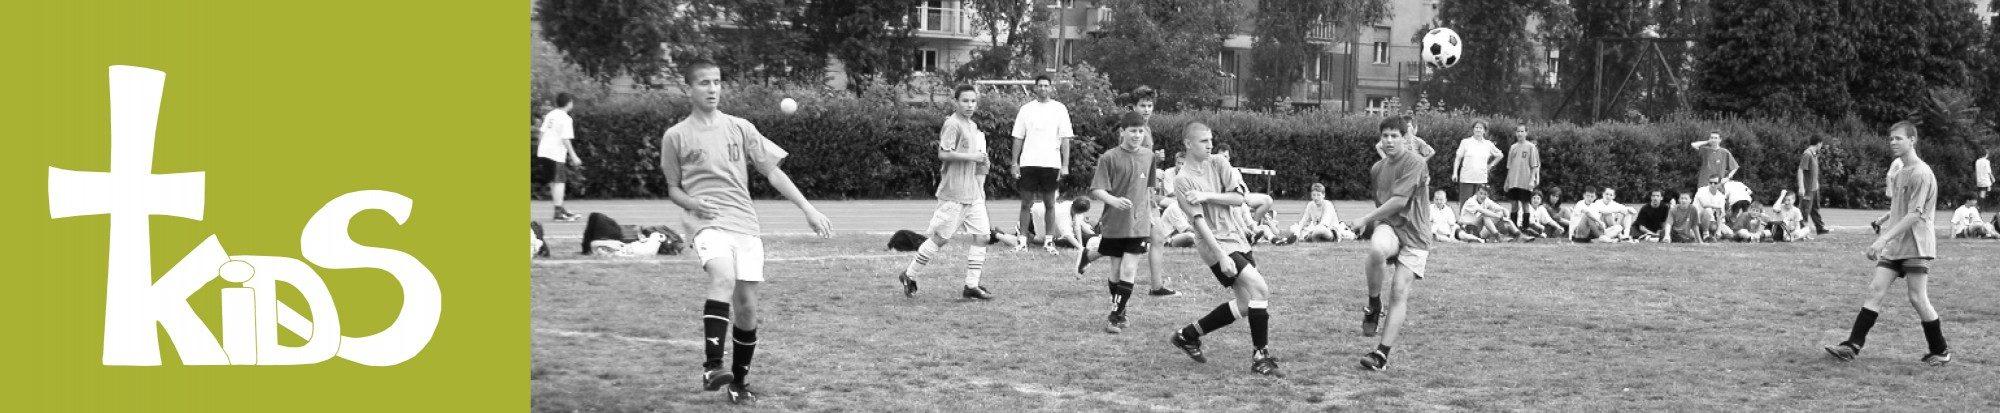 Katolikus Iskolák Diák Sportszövetsége